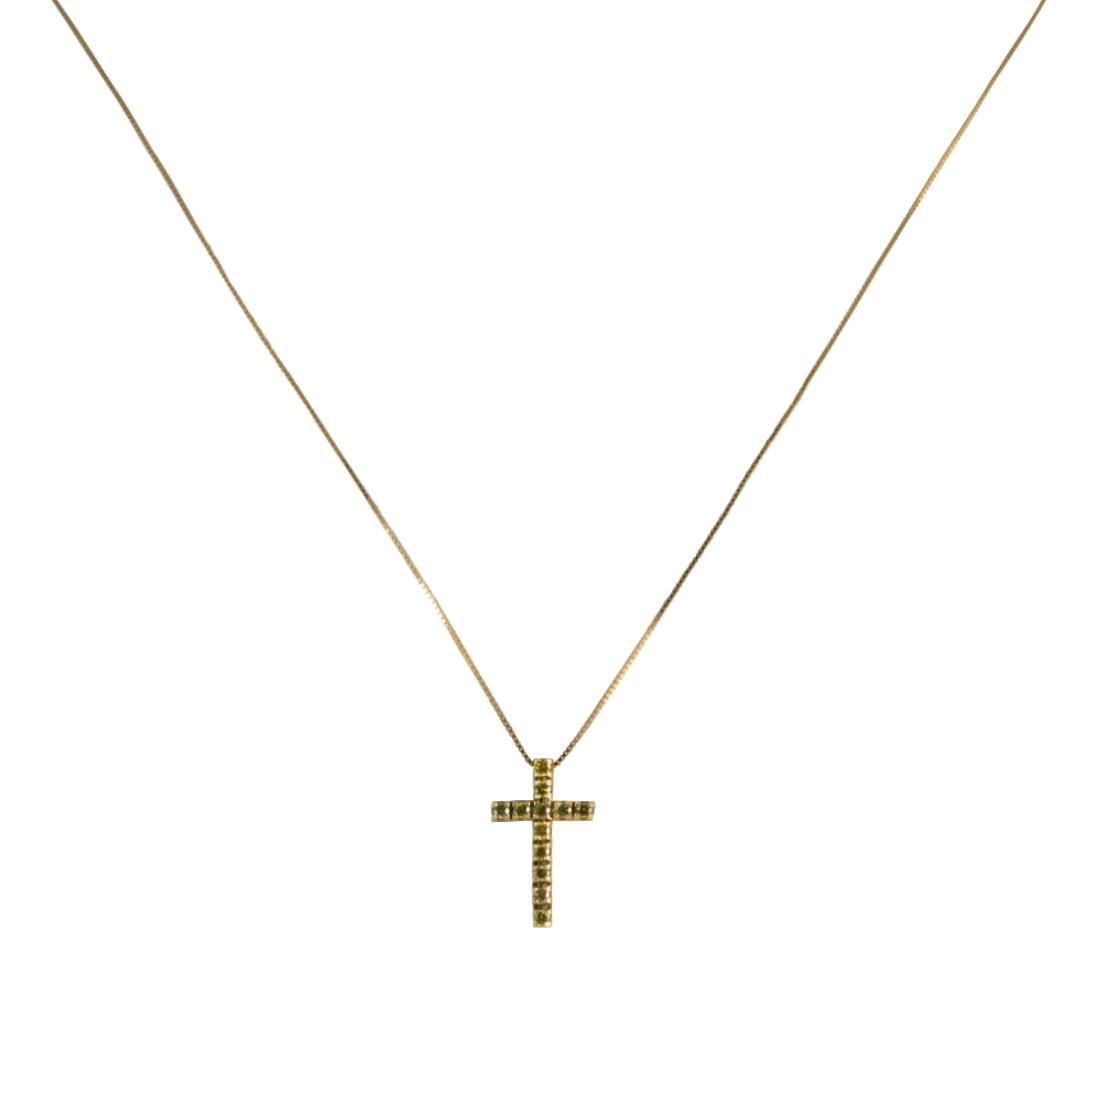 Ciondolo in oro giallo con diamanti gialli ct 0.20 misura 2.40cm - ALFIERI ST JOHN